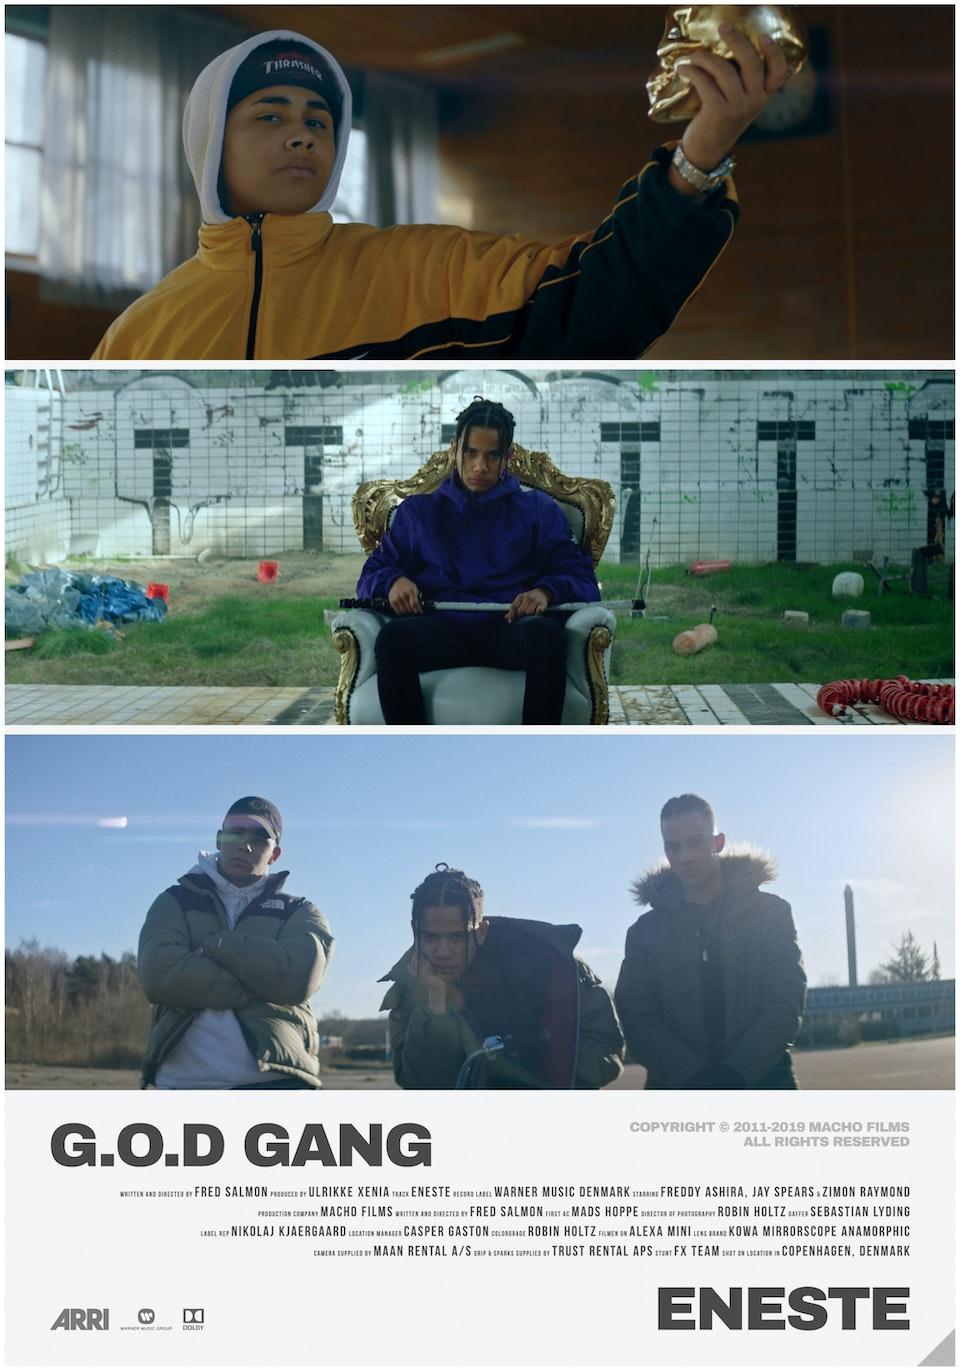 M A C H O - G.O.D Gang // Eneste